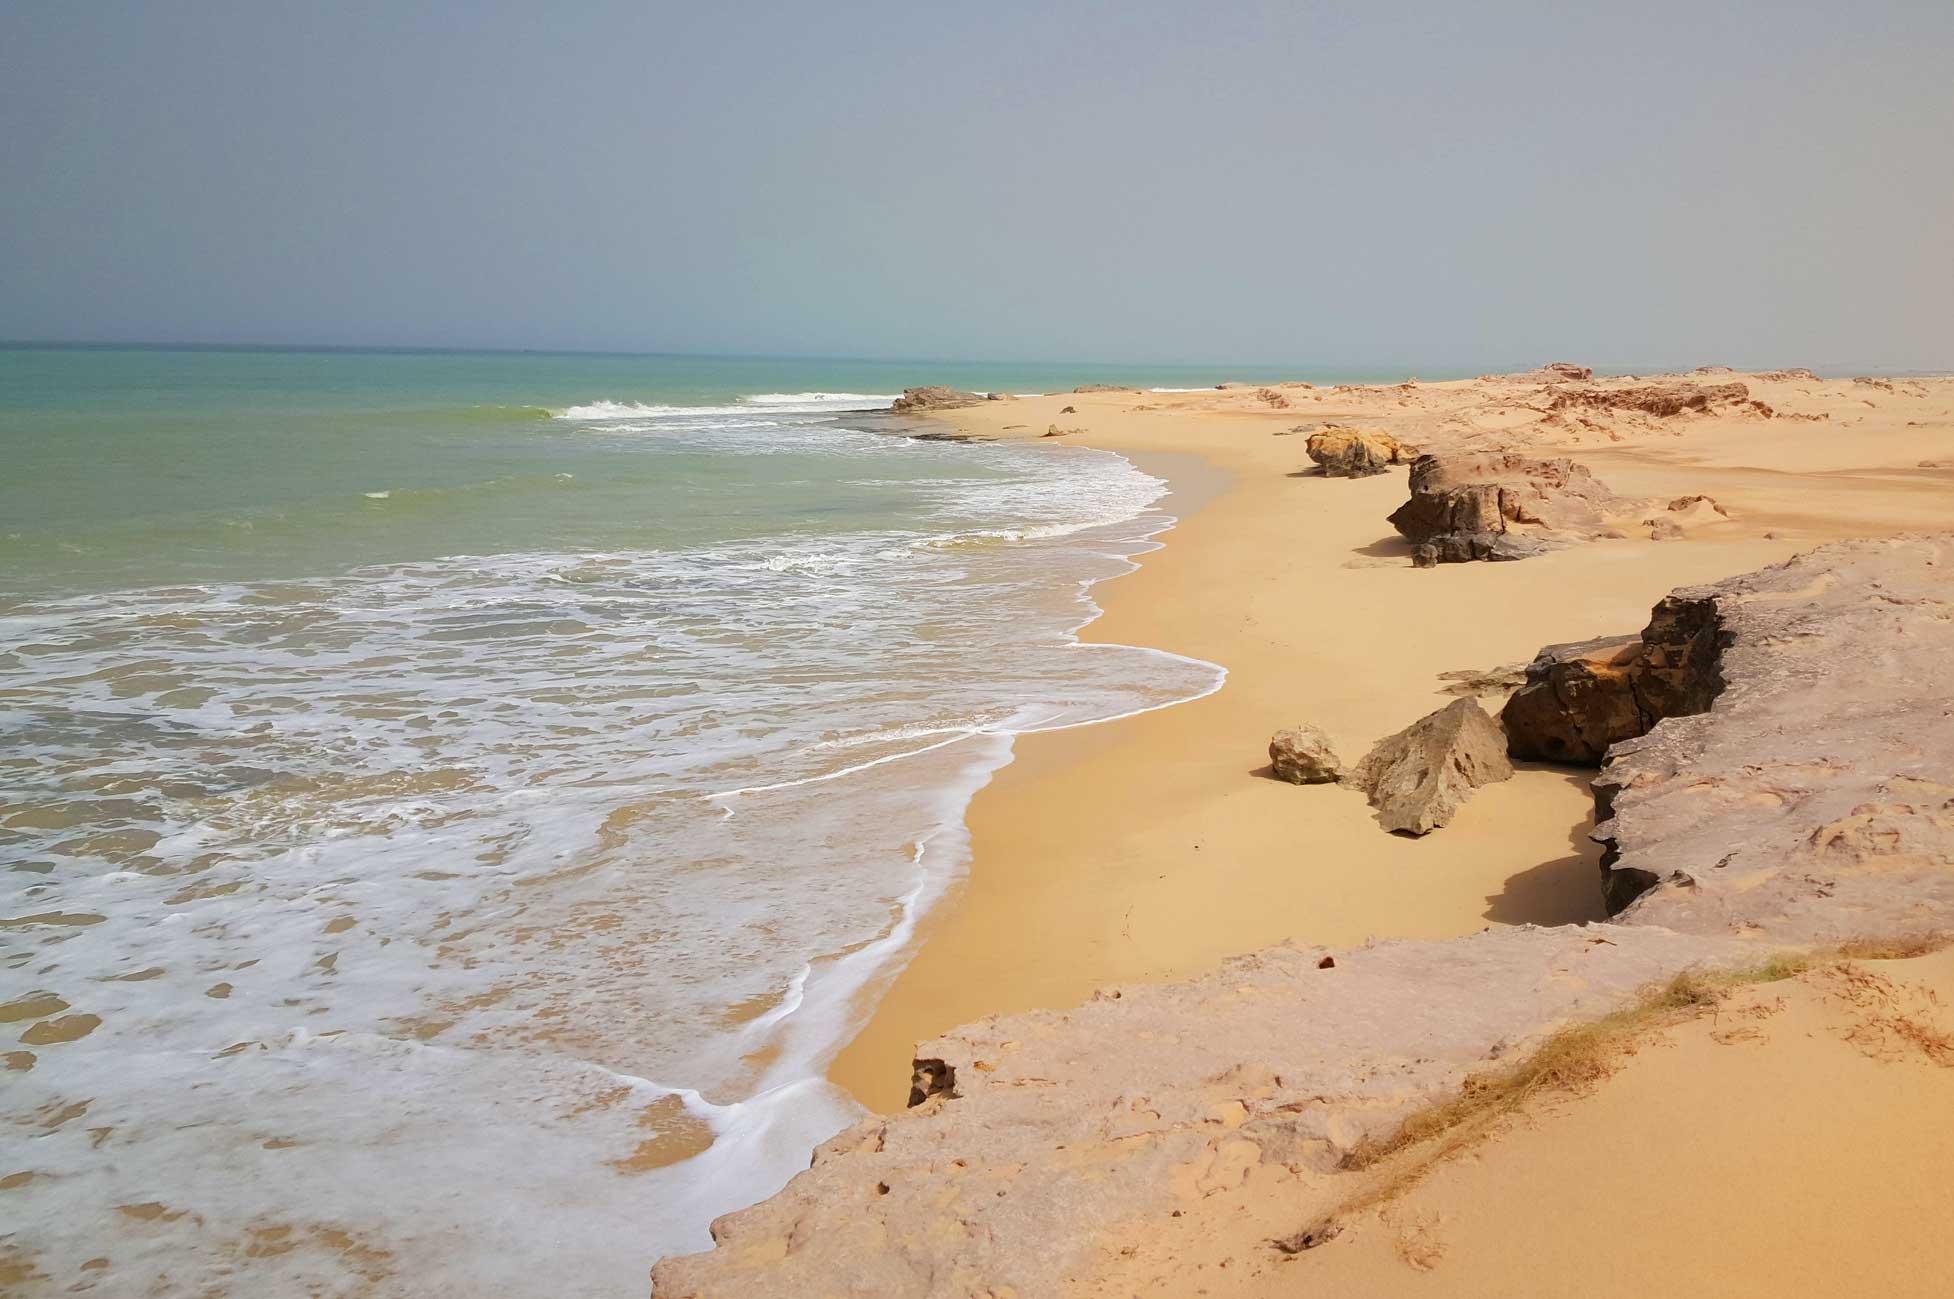 Coast along Mauritania